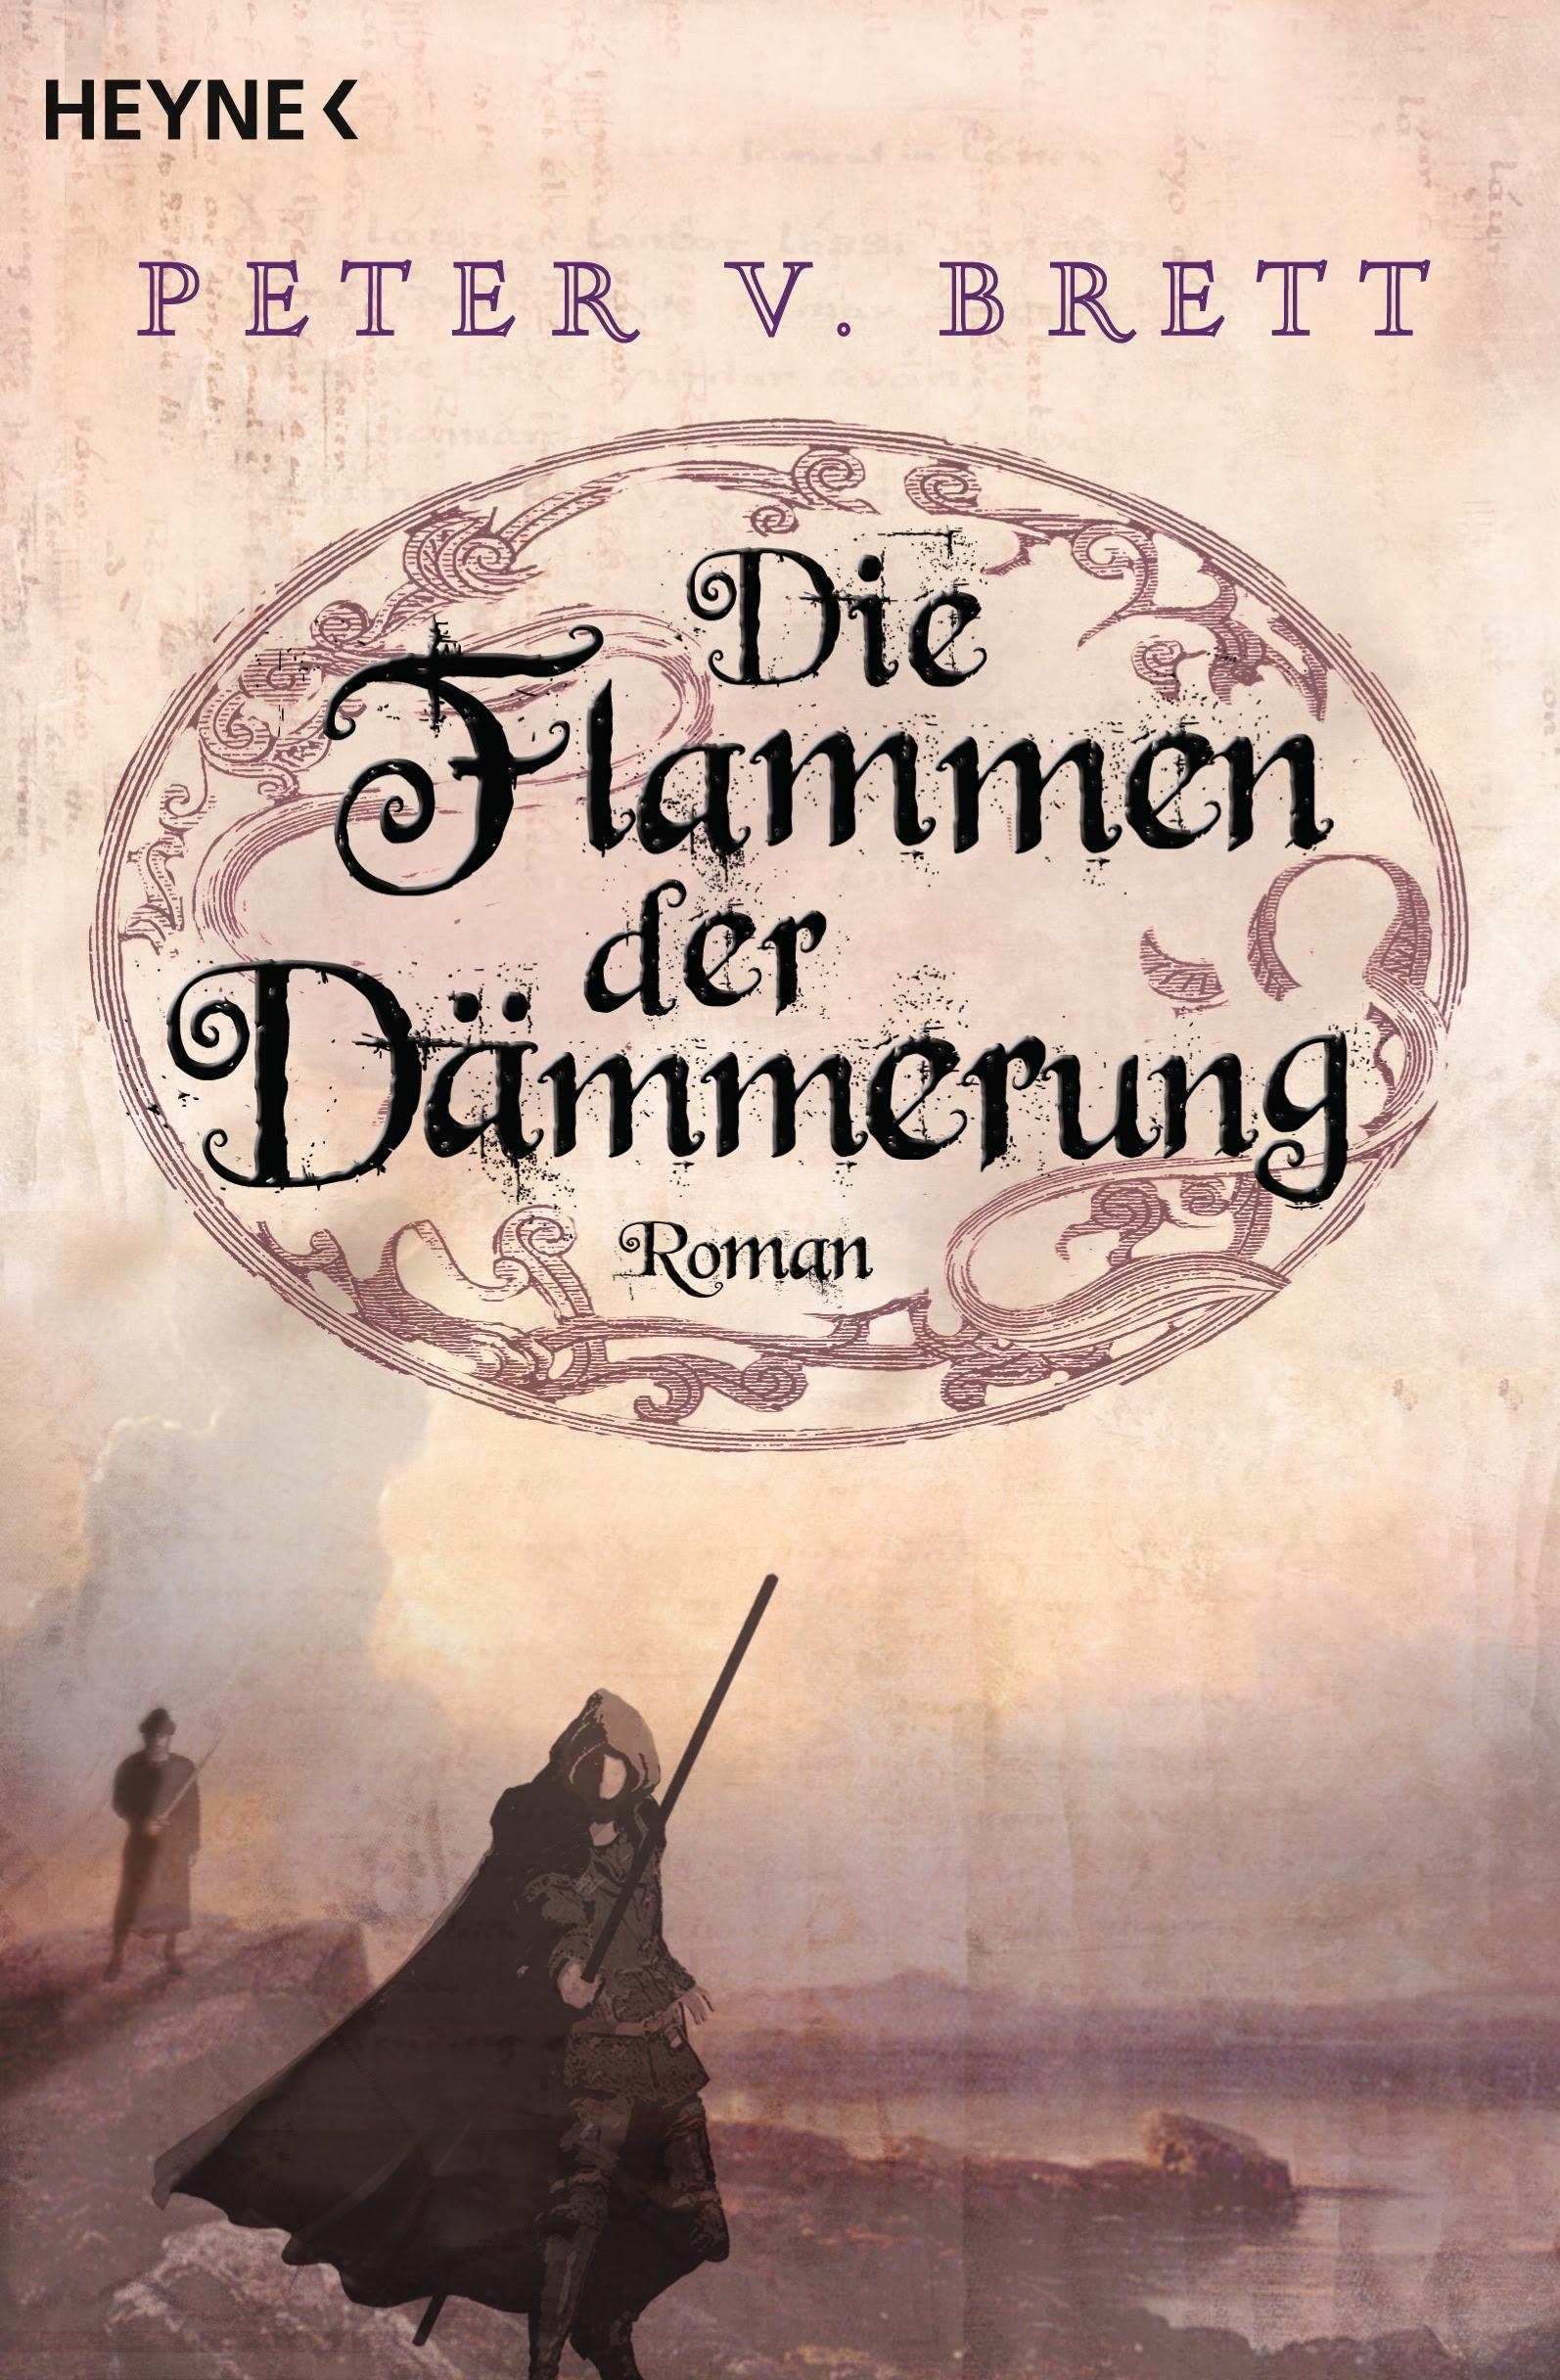 http://fantasyblogger.files.wordpress.com/2012/01/brett_pdie_flammen_der_daemmerung.jpg